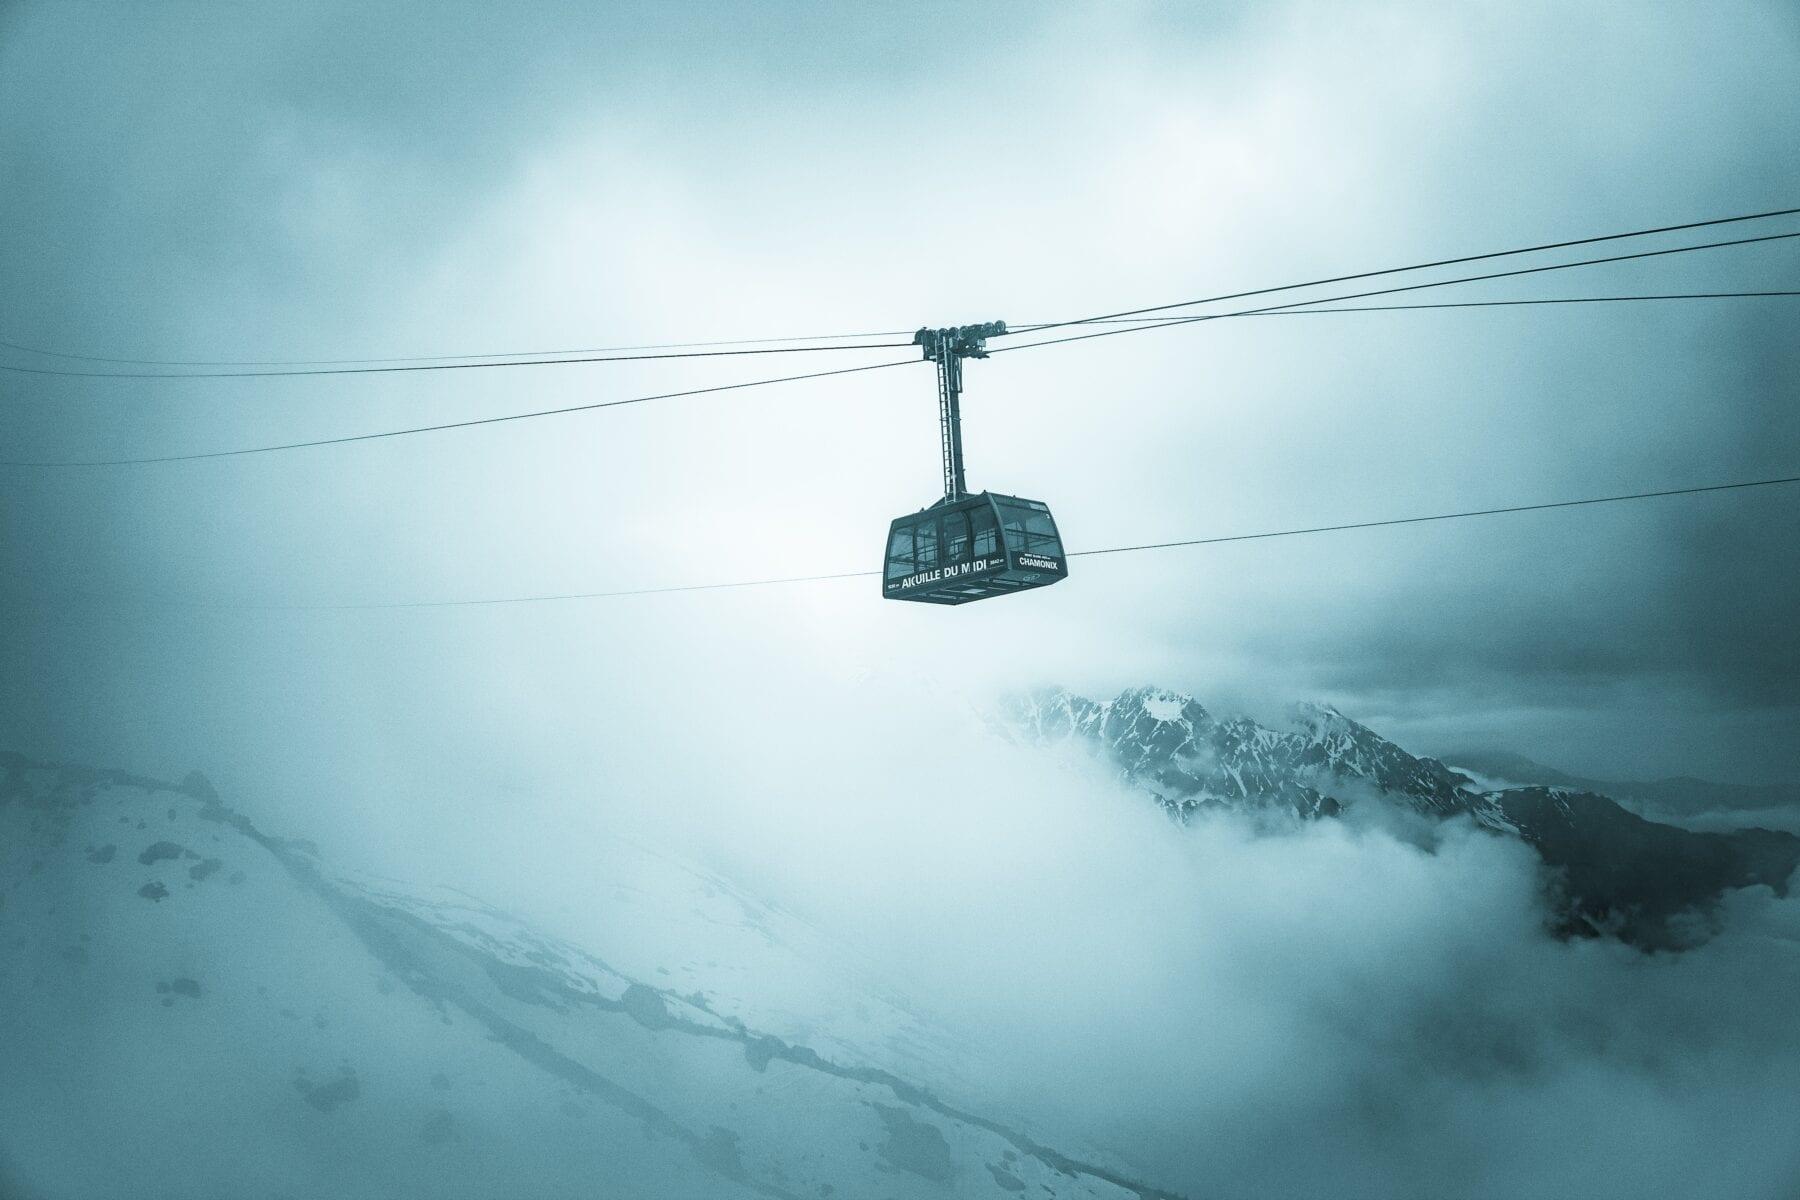 Mont Blanc gondel / kabelbaan